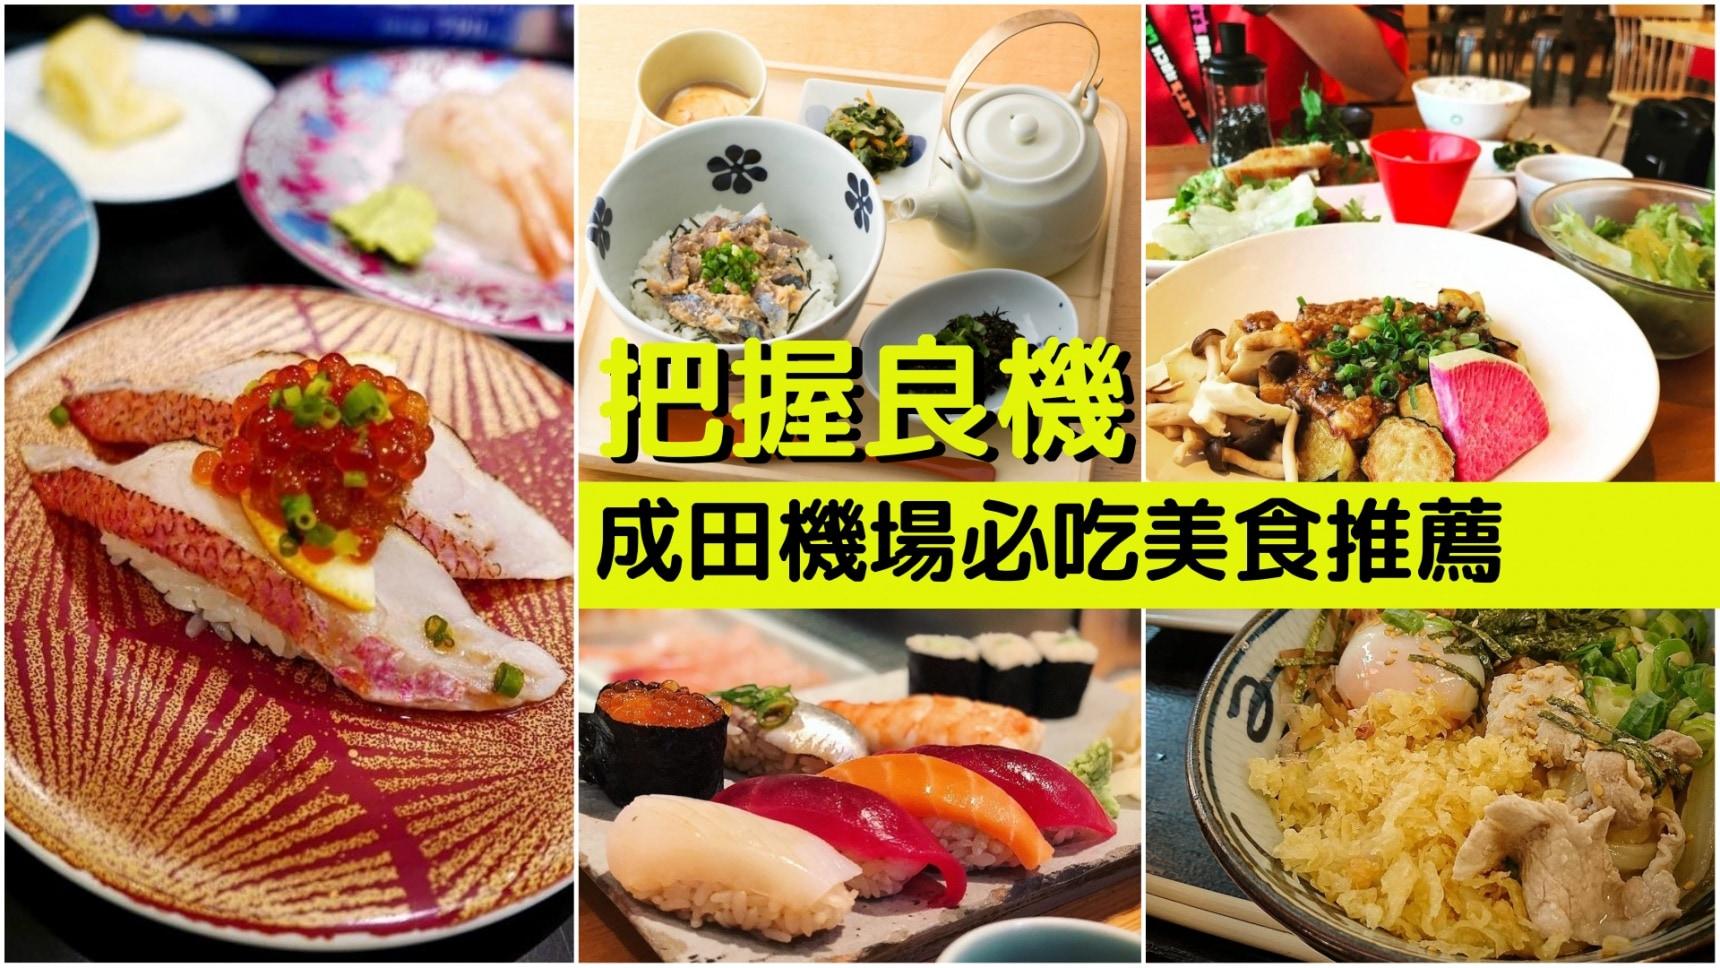 吃货党|出入境都适用!成田机场美食精选推荐